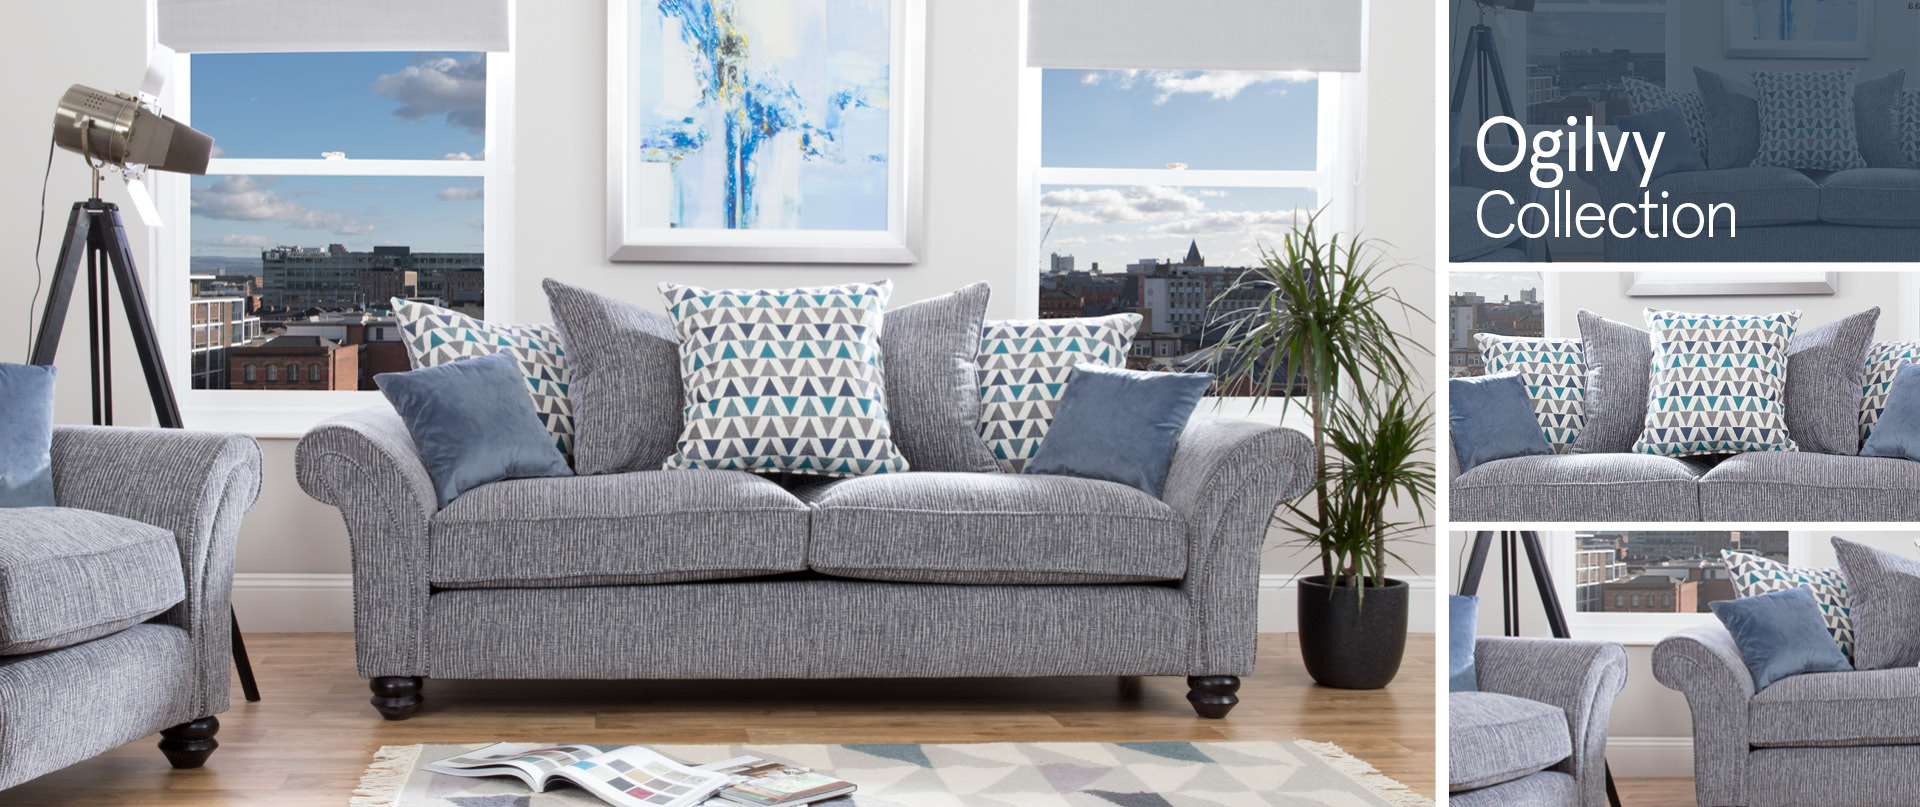 Ogilvy Fabric Sofa Ranges